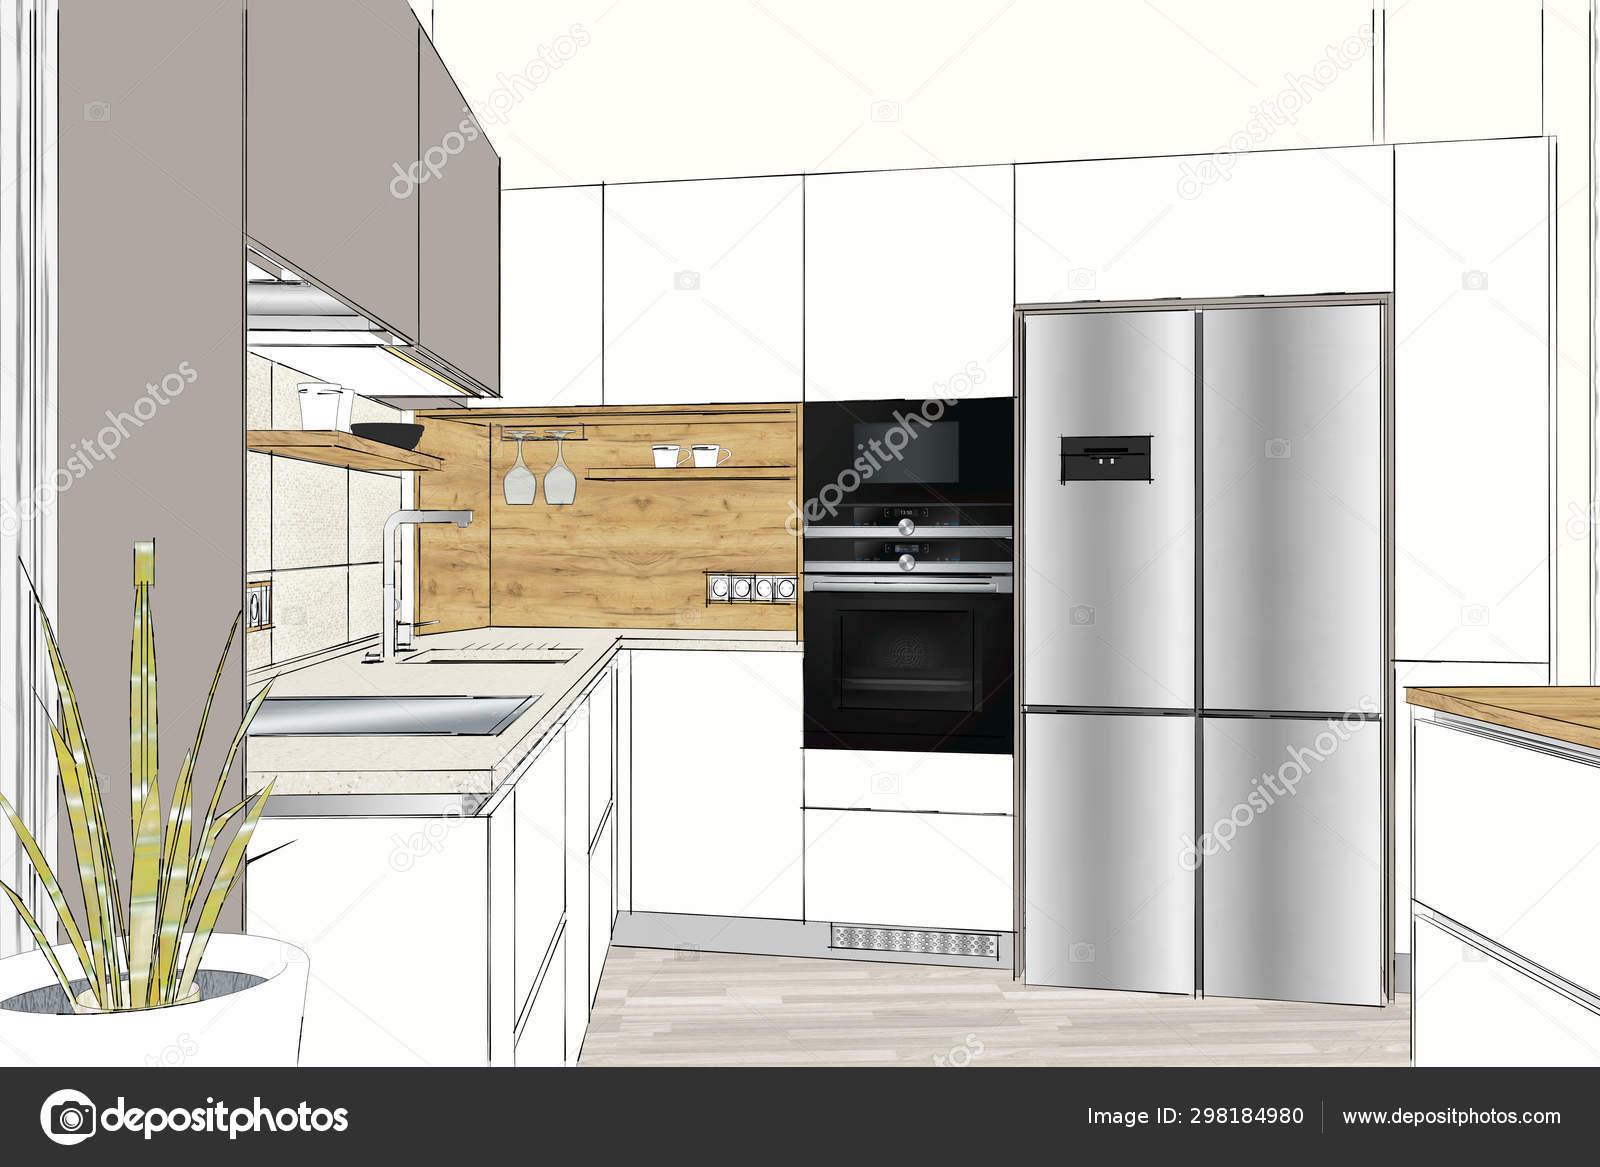 Ilustración Moderno Diseño Muebles Cocina Interior Claro ...